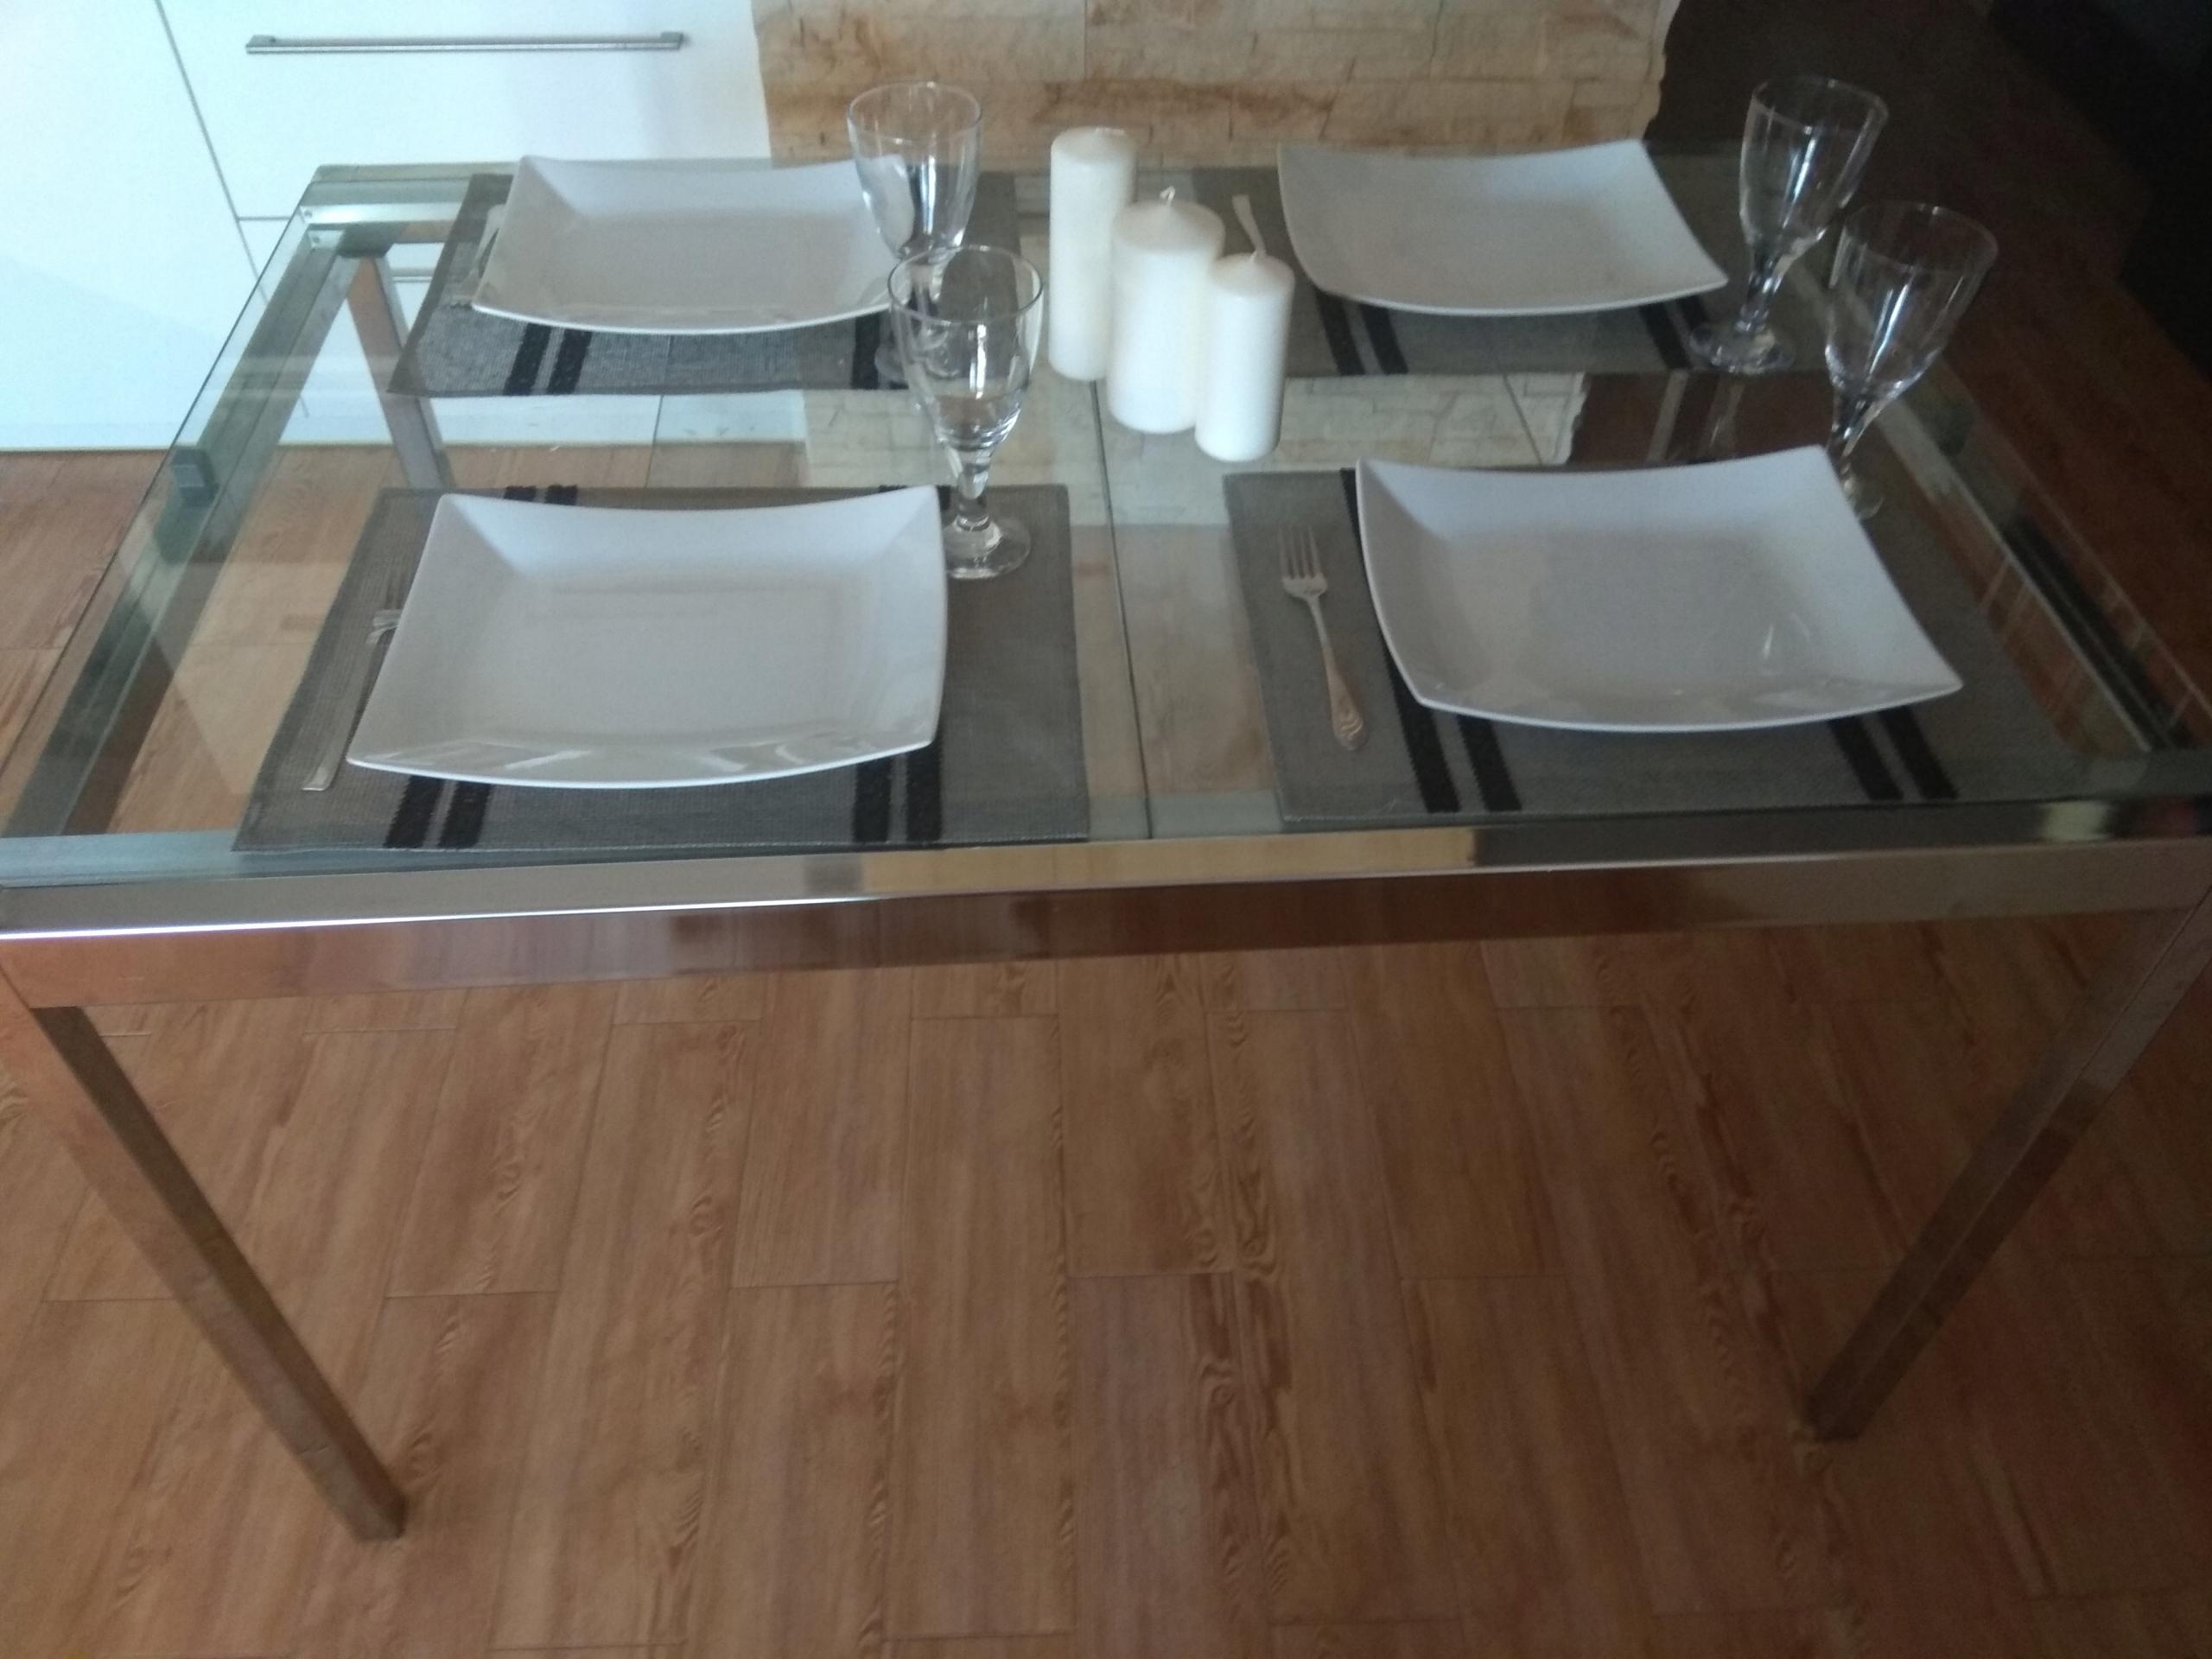 Ikea Stol Szklany Rozkladany Wzor Glivarp 7455716035 Oficjalne